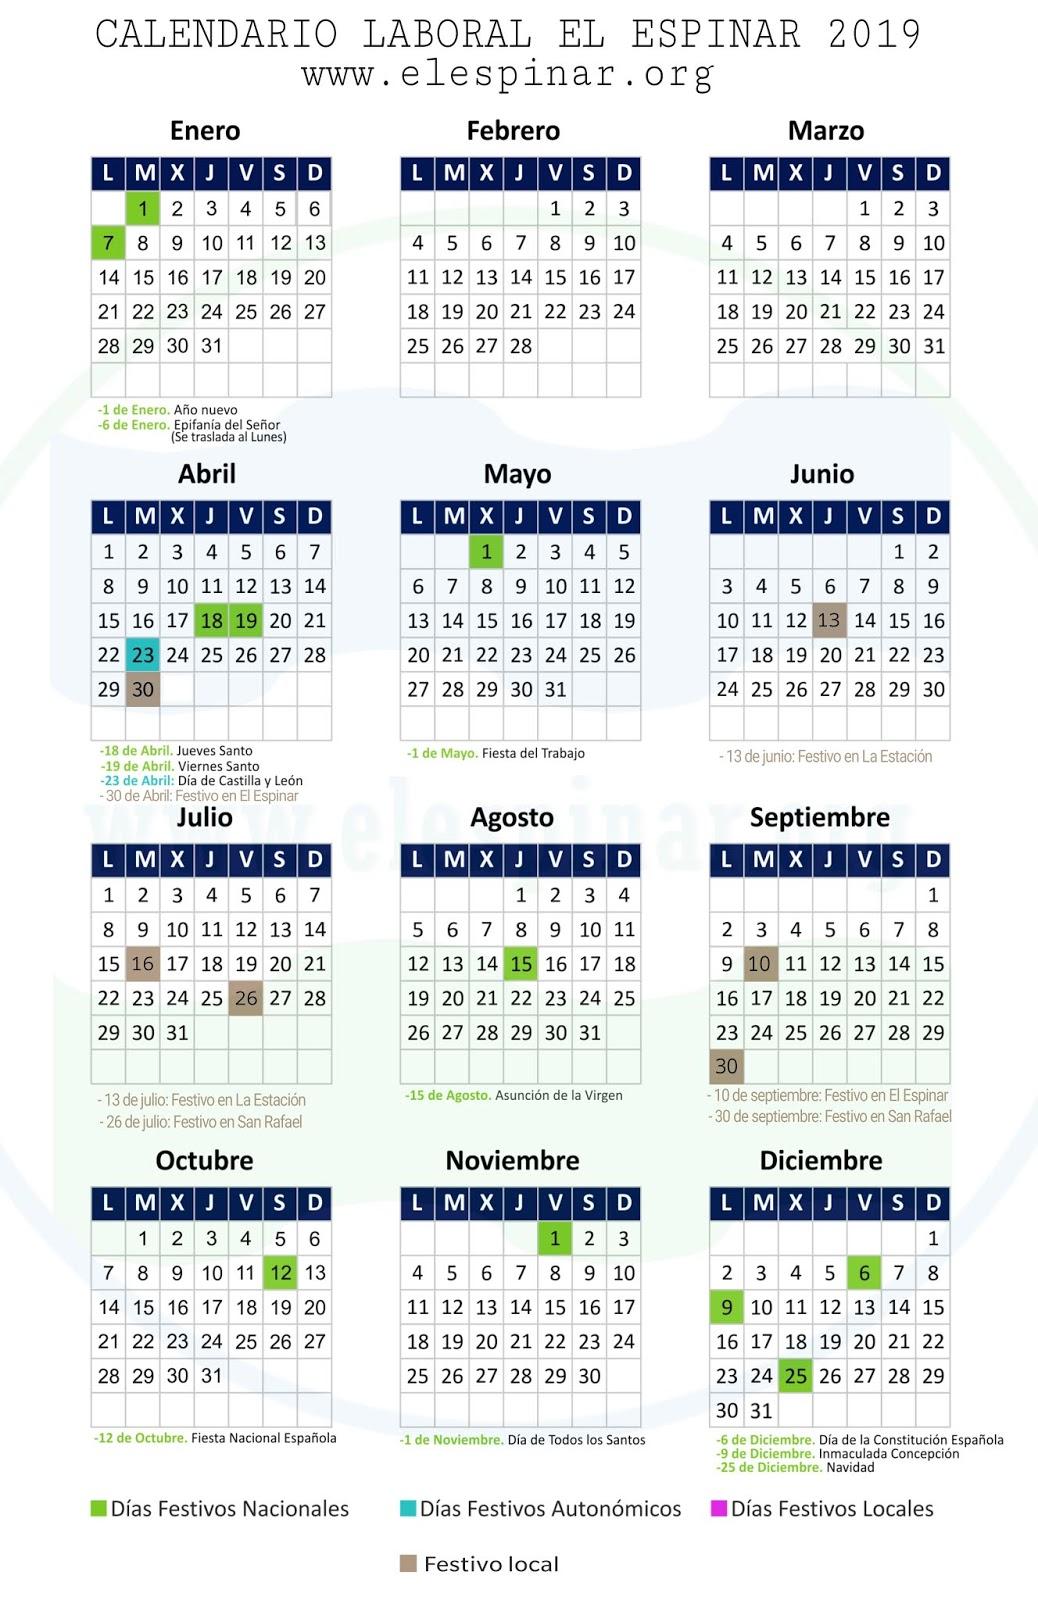 Calendario Laboral Castilla Y Leon 2020.Calendario Festivos El Espinar 2019